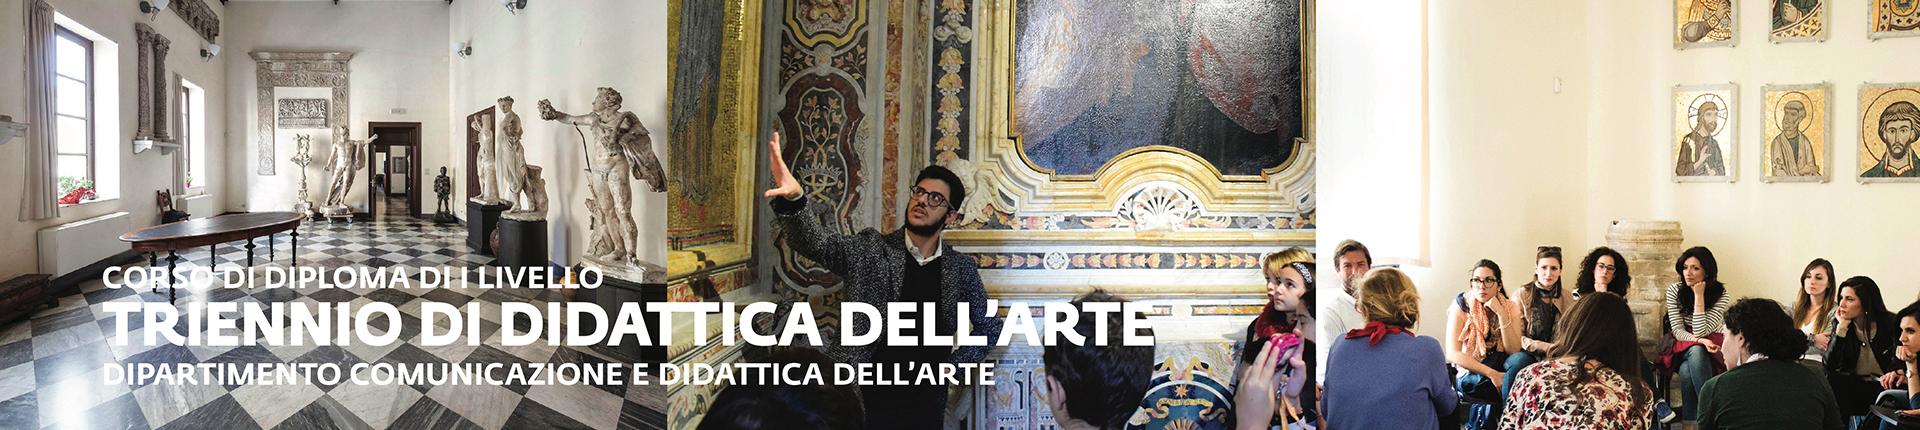 03_triennio-didattica